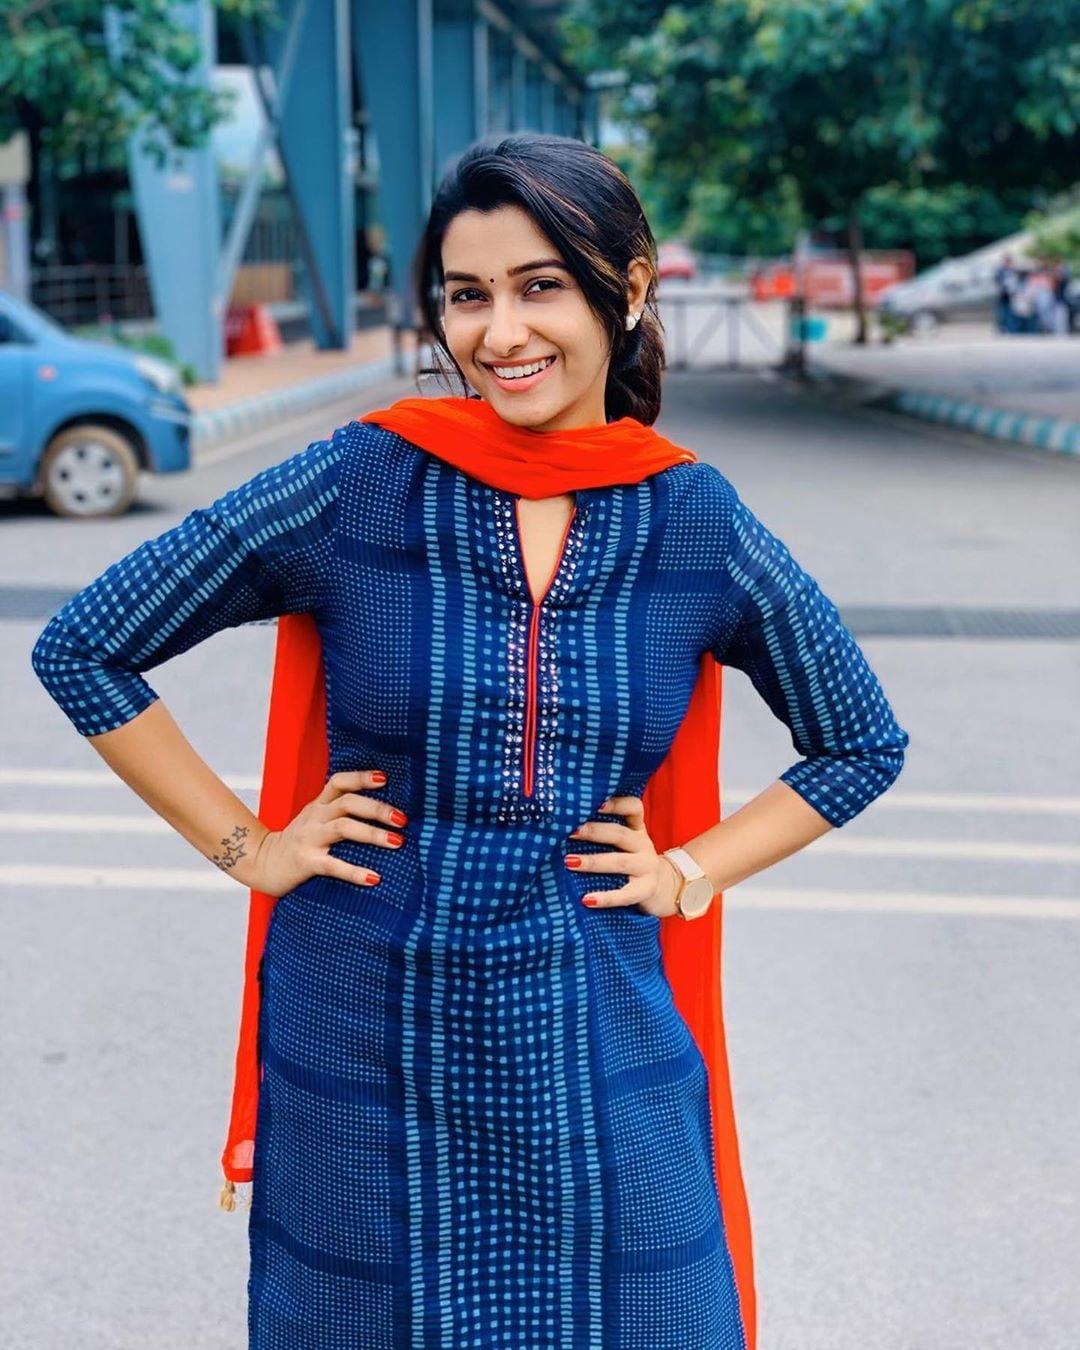 நடிகை பிரியா பவானி சங்கர். (image: instagram)